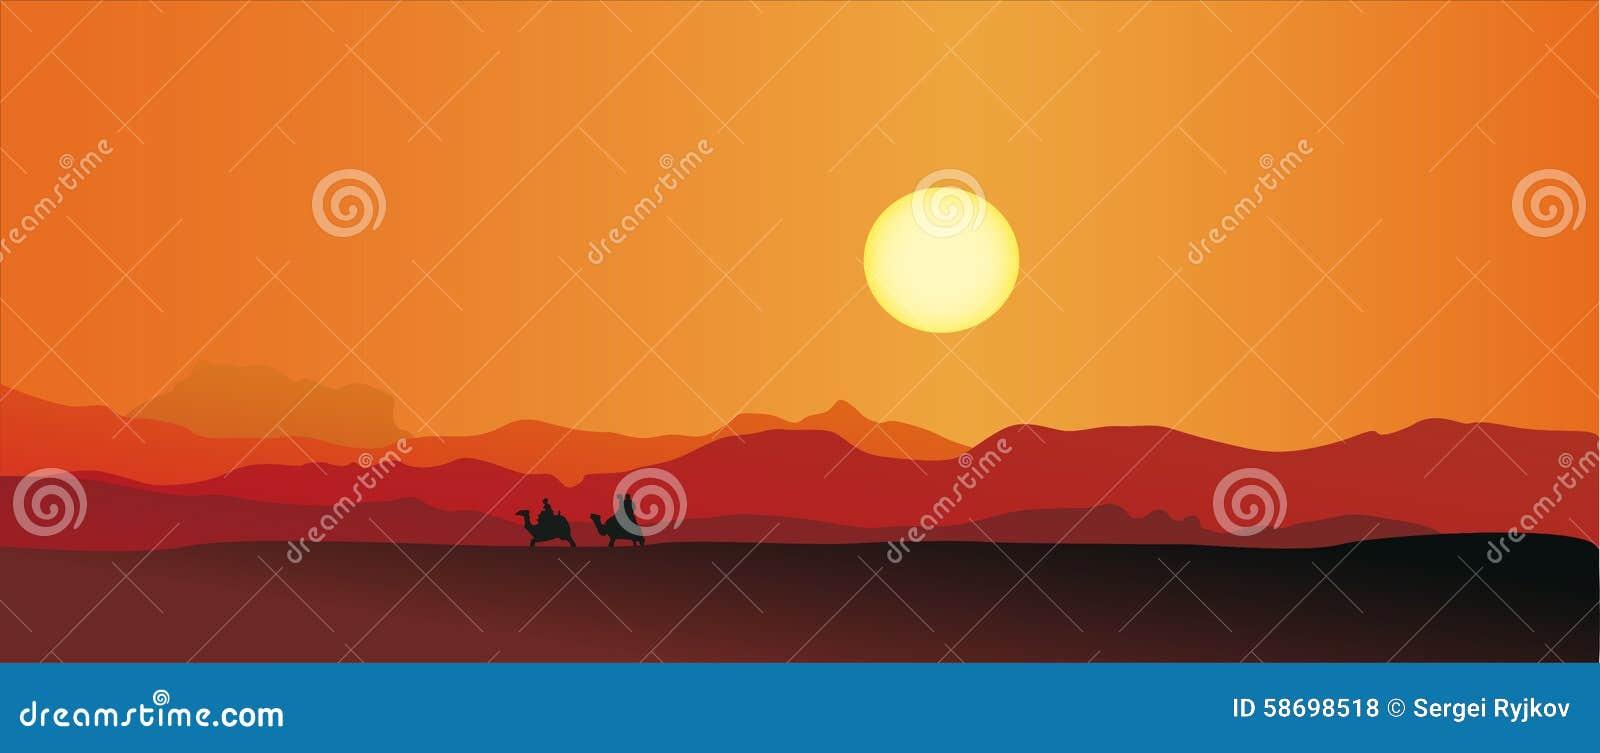 Caravan in a desert